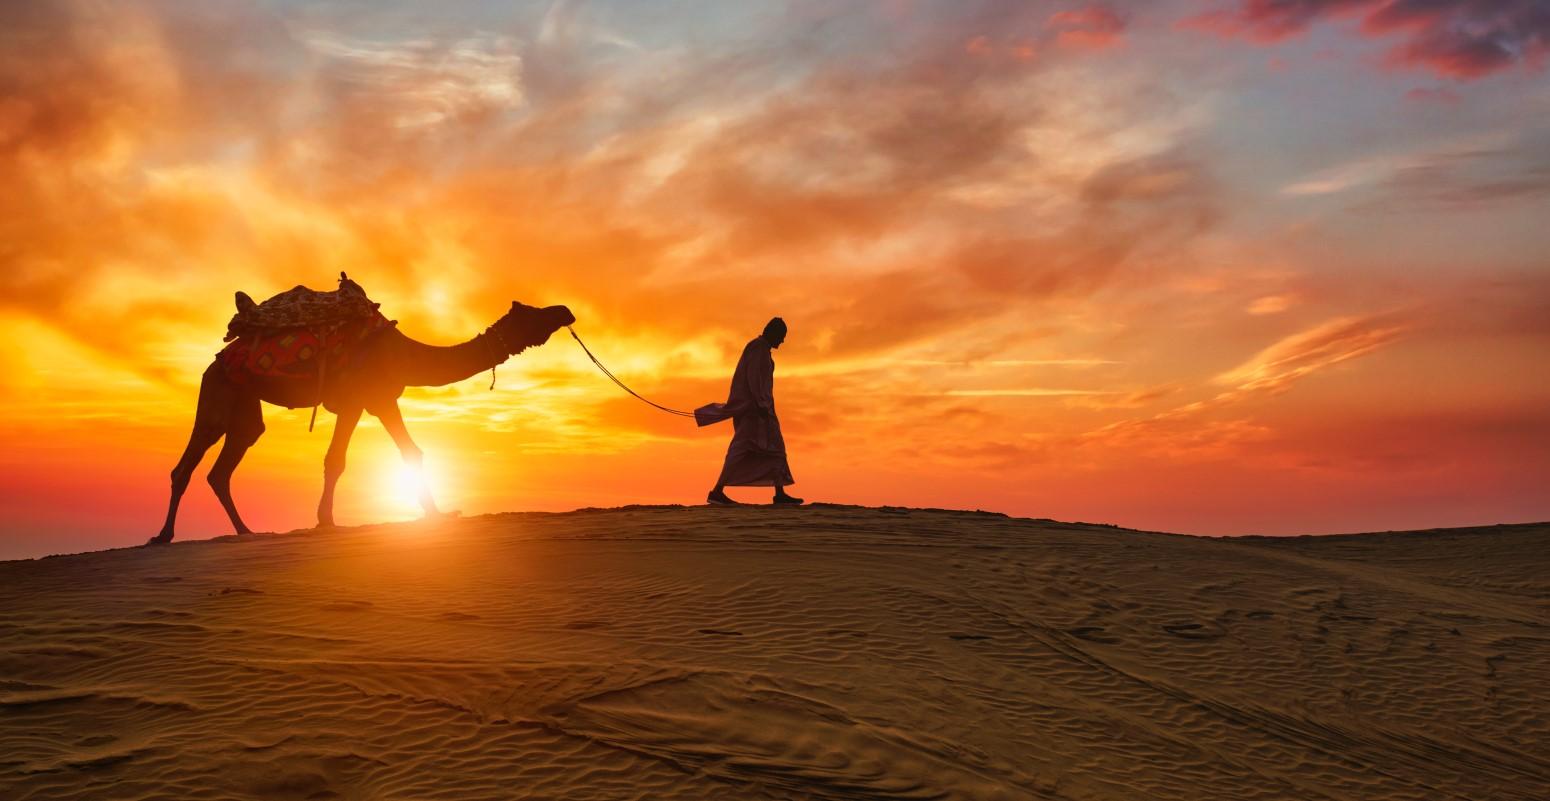 viaja con tu hijo verano 2017 marruecos reyes magos